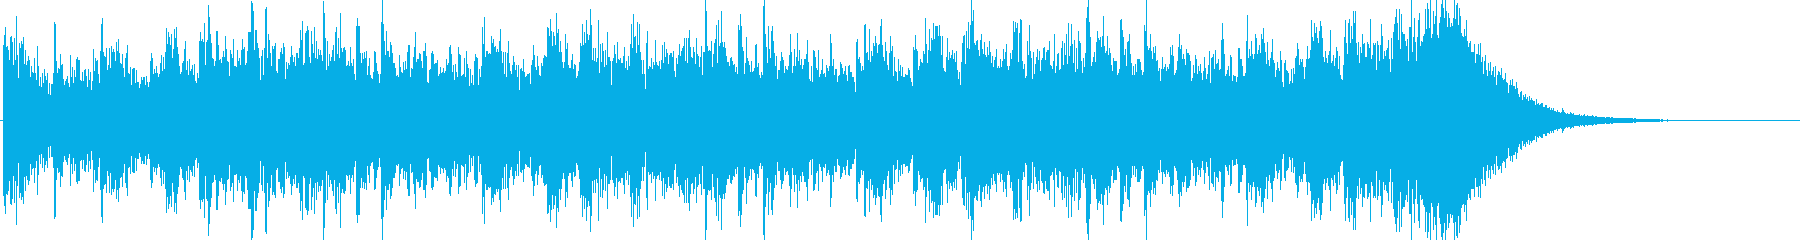 約16秒でシンバルが鳴るドラムロールの再生済みの波形